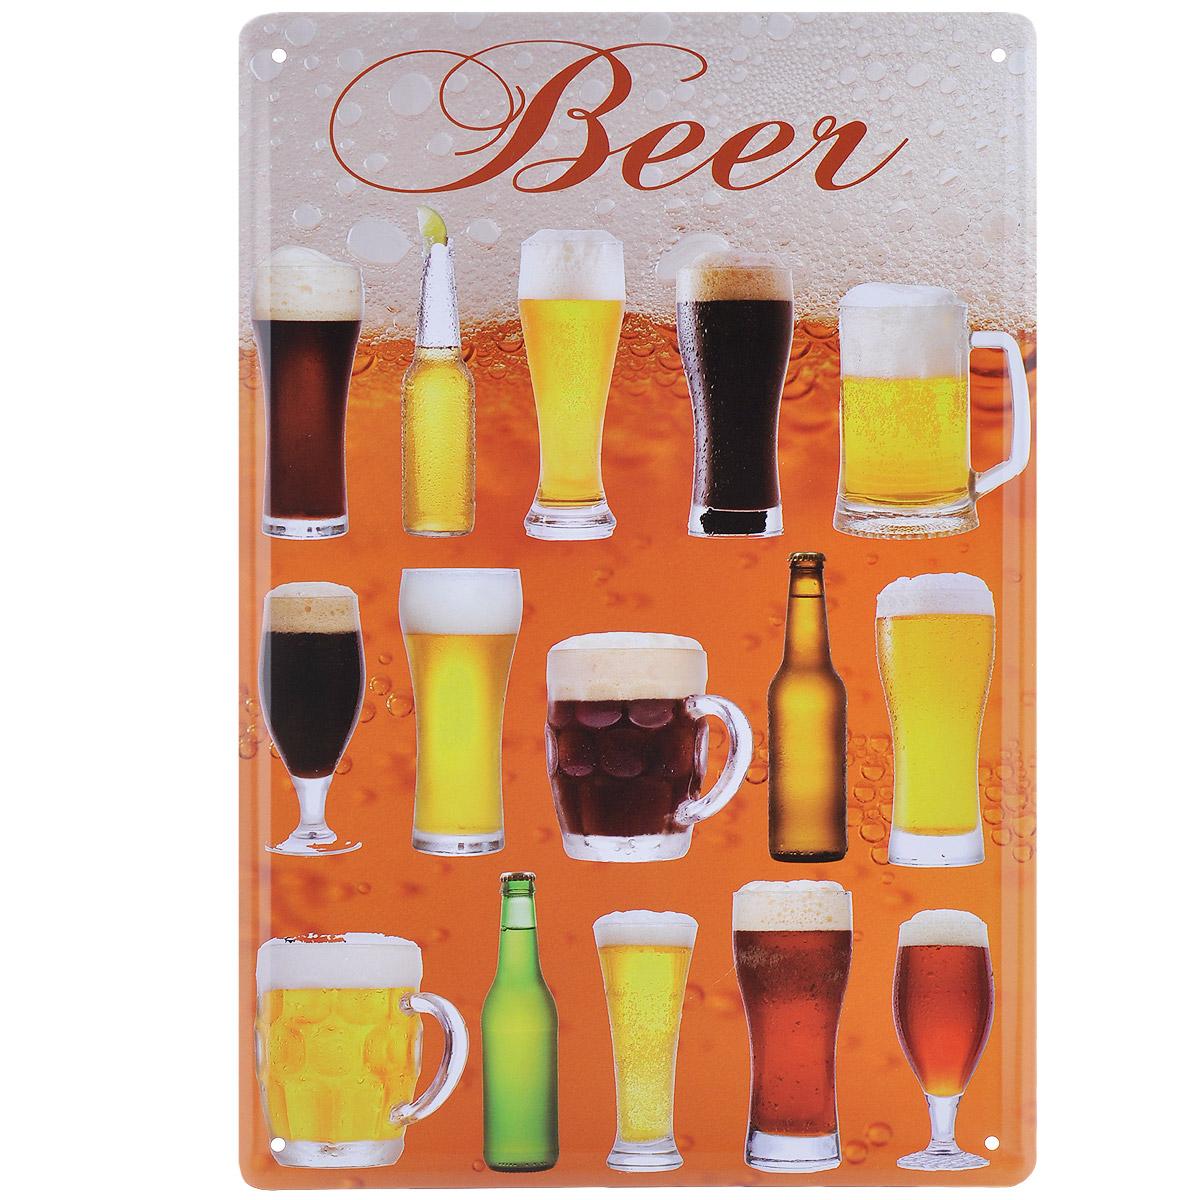 Постер Феникс-презент Пиво, 20 см х 30 см37432Постер Феникс-презент Пиво выполнен из черного металла. На постере изображены бокалы и бутылки с пивом. Постер заинтересует всех любителей оригинальных вещиц и доставит массу положительных эмоций своему обладателю.Картина для интерьера (постер) - современное и актуальное направление в дизайне любых помещений.Постер может использоваться для оформления любых интерьеров:- дом, квартира (гостиная, спальня, кухня); - офис (комната переговоров, холл, кабинет); - бар, кафе, ресторан или гостиница. Из мелочей складывается стиль интерьера. Постер Феникс-презент Пиво одна из тех деталей, которые придают интерьеру обжитой вид и создают ощущение уюта.